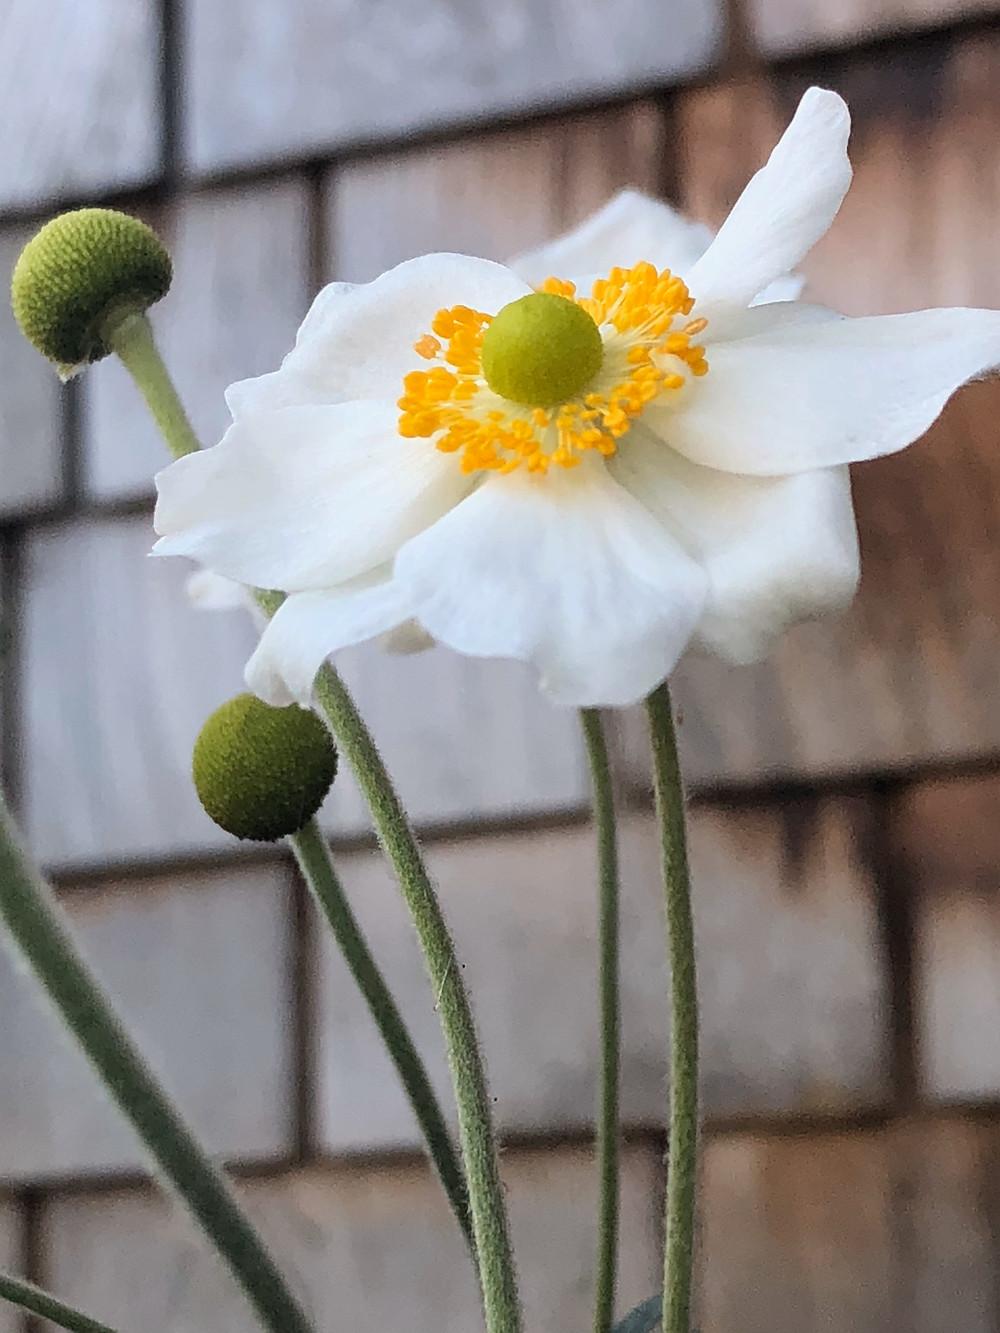 Japanese Anemone, 'Honorine Jobert'